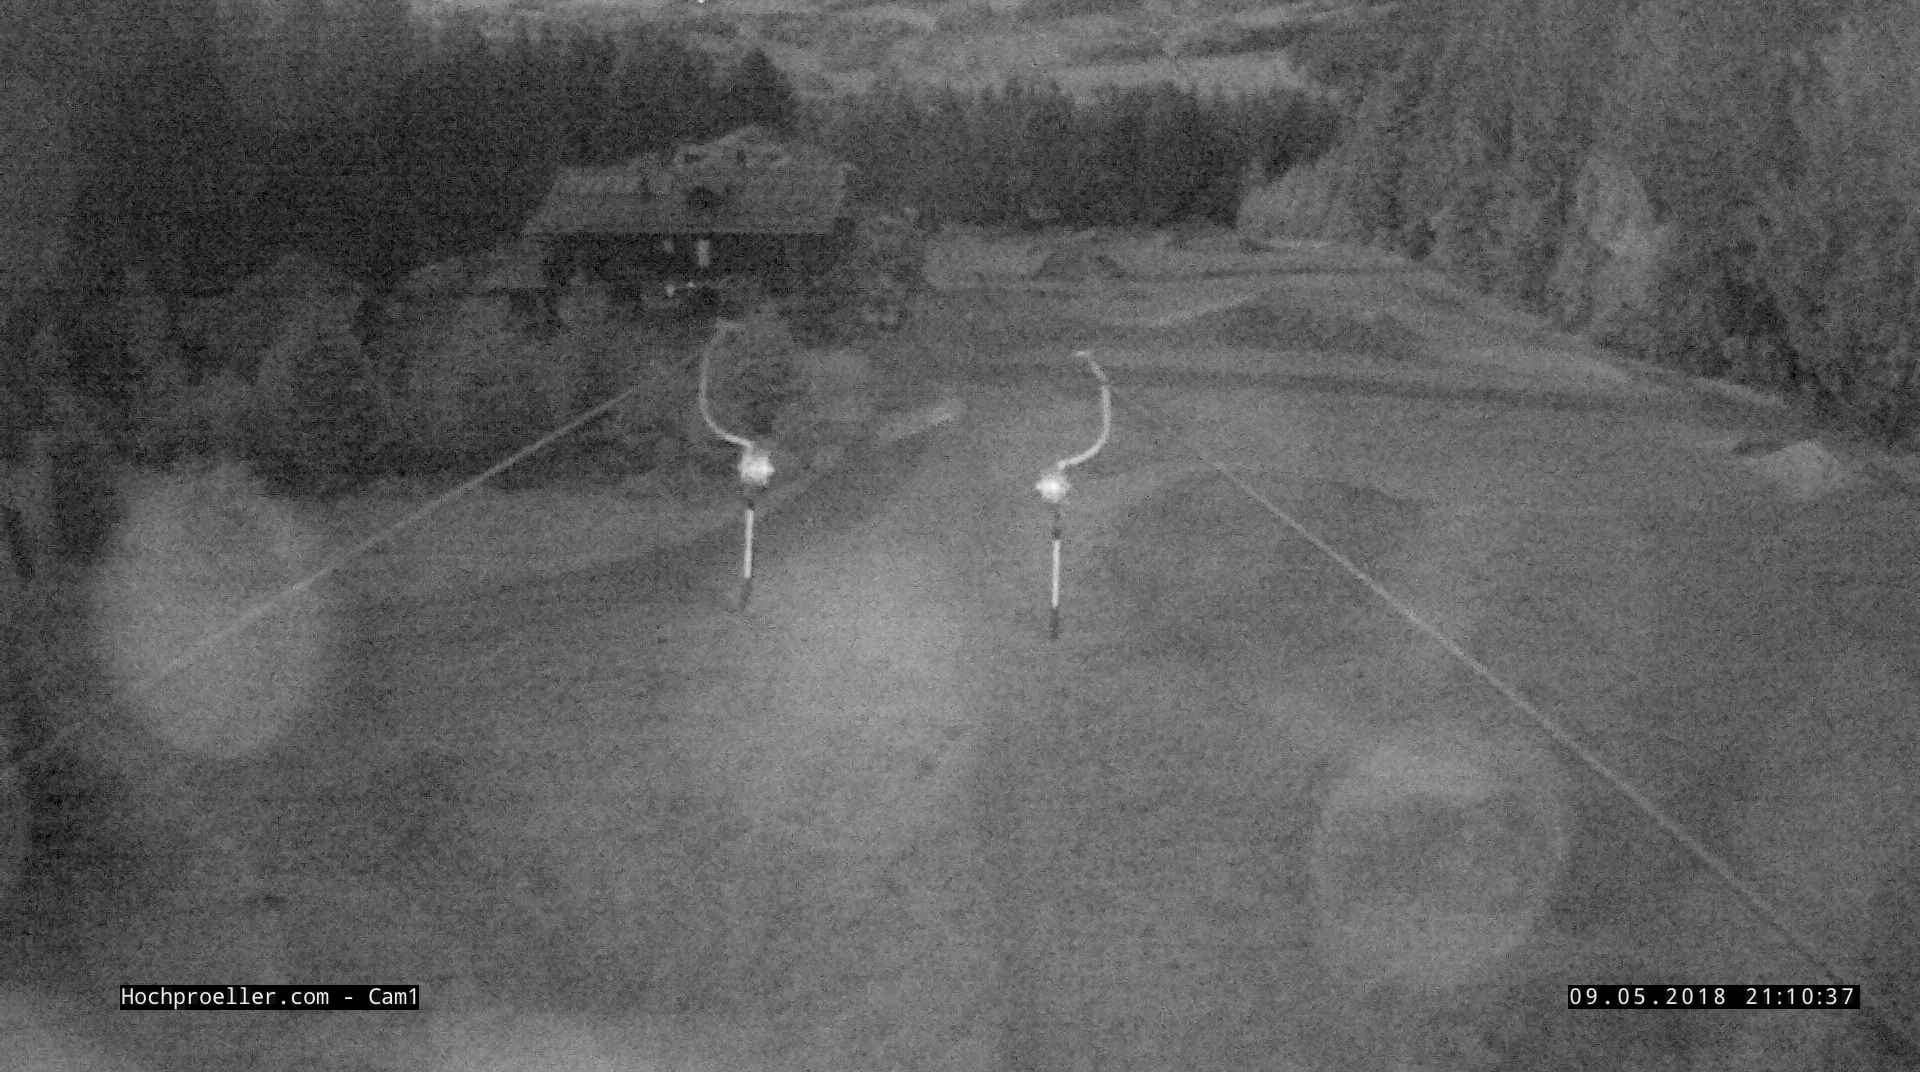 Sankt Englmar-Kollnburg, Skilift Hochpröller